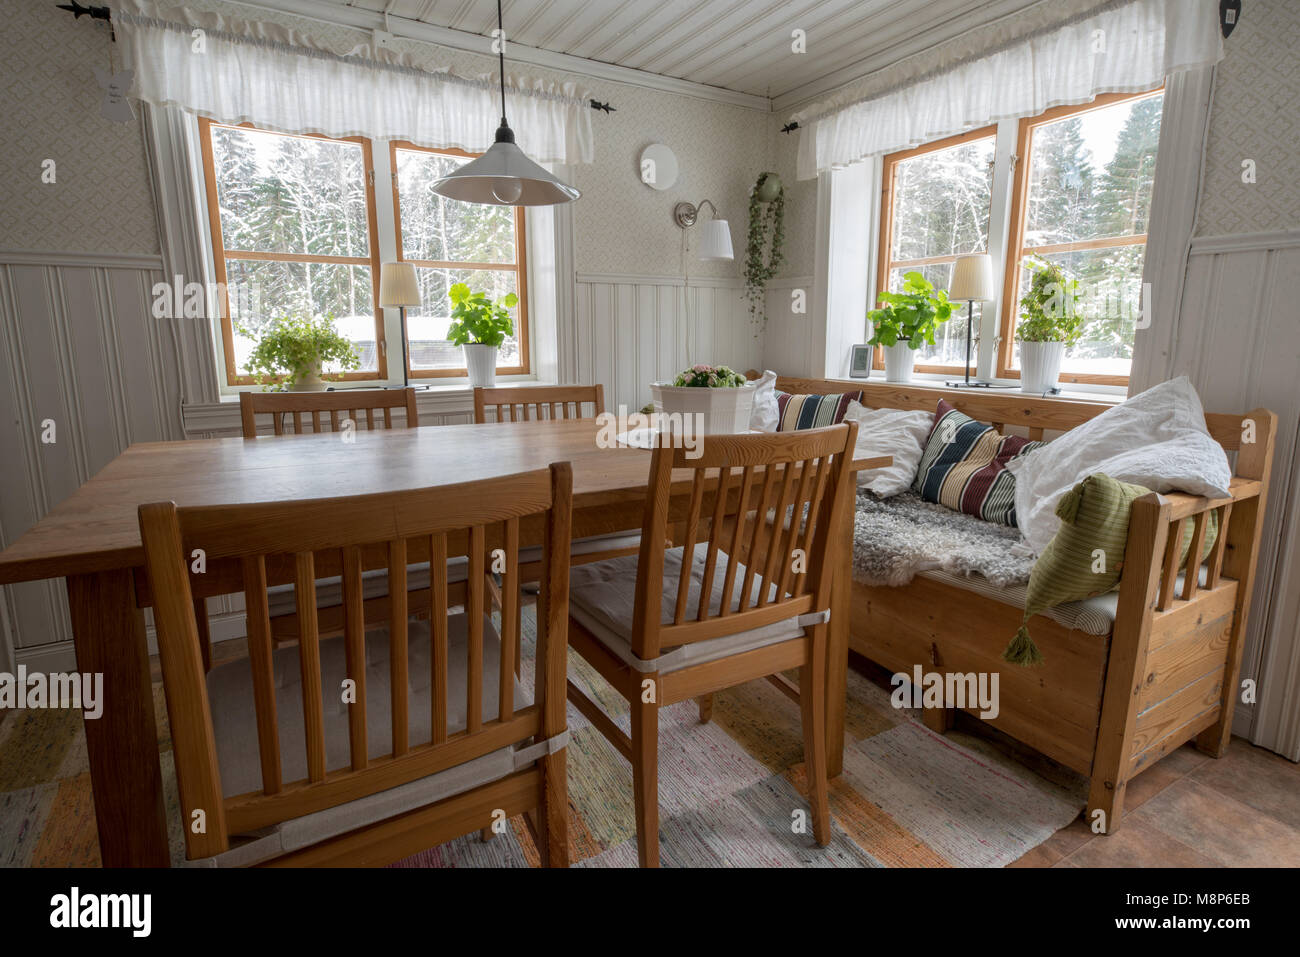 Alte Küche im Landhausstil in Schweden mit Tisch Stühle und ...